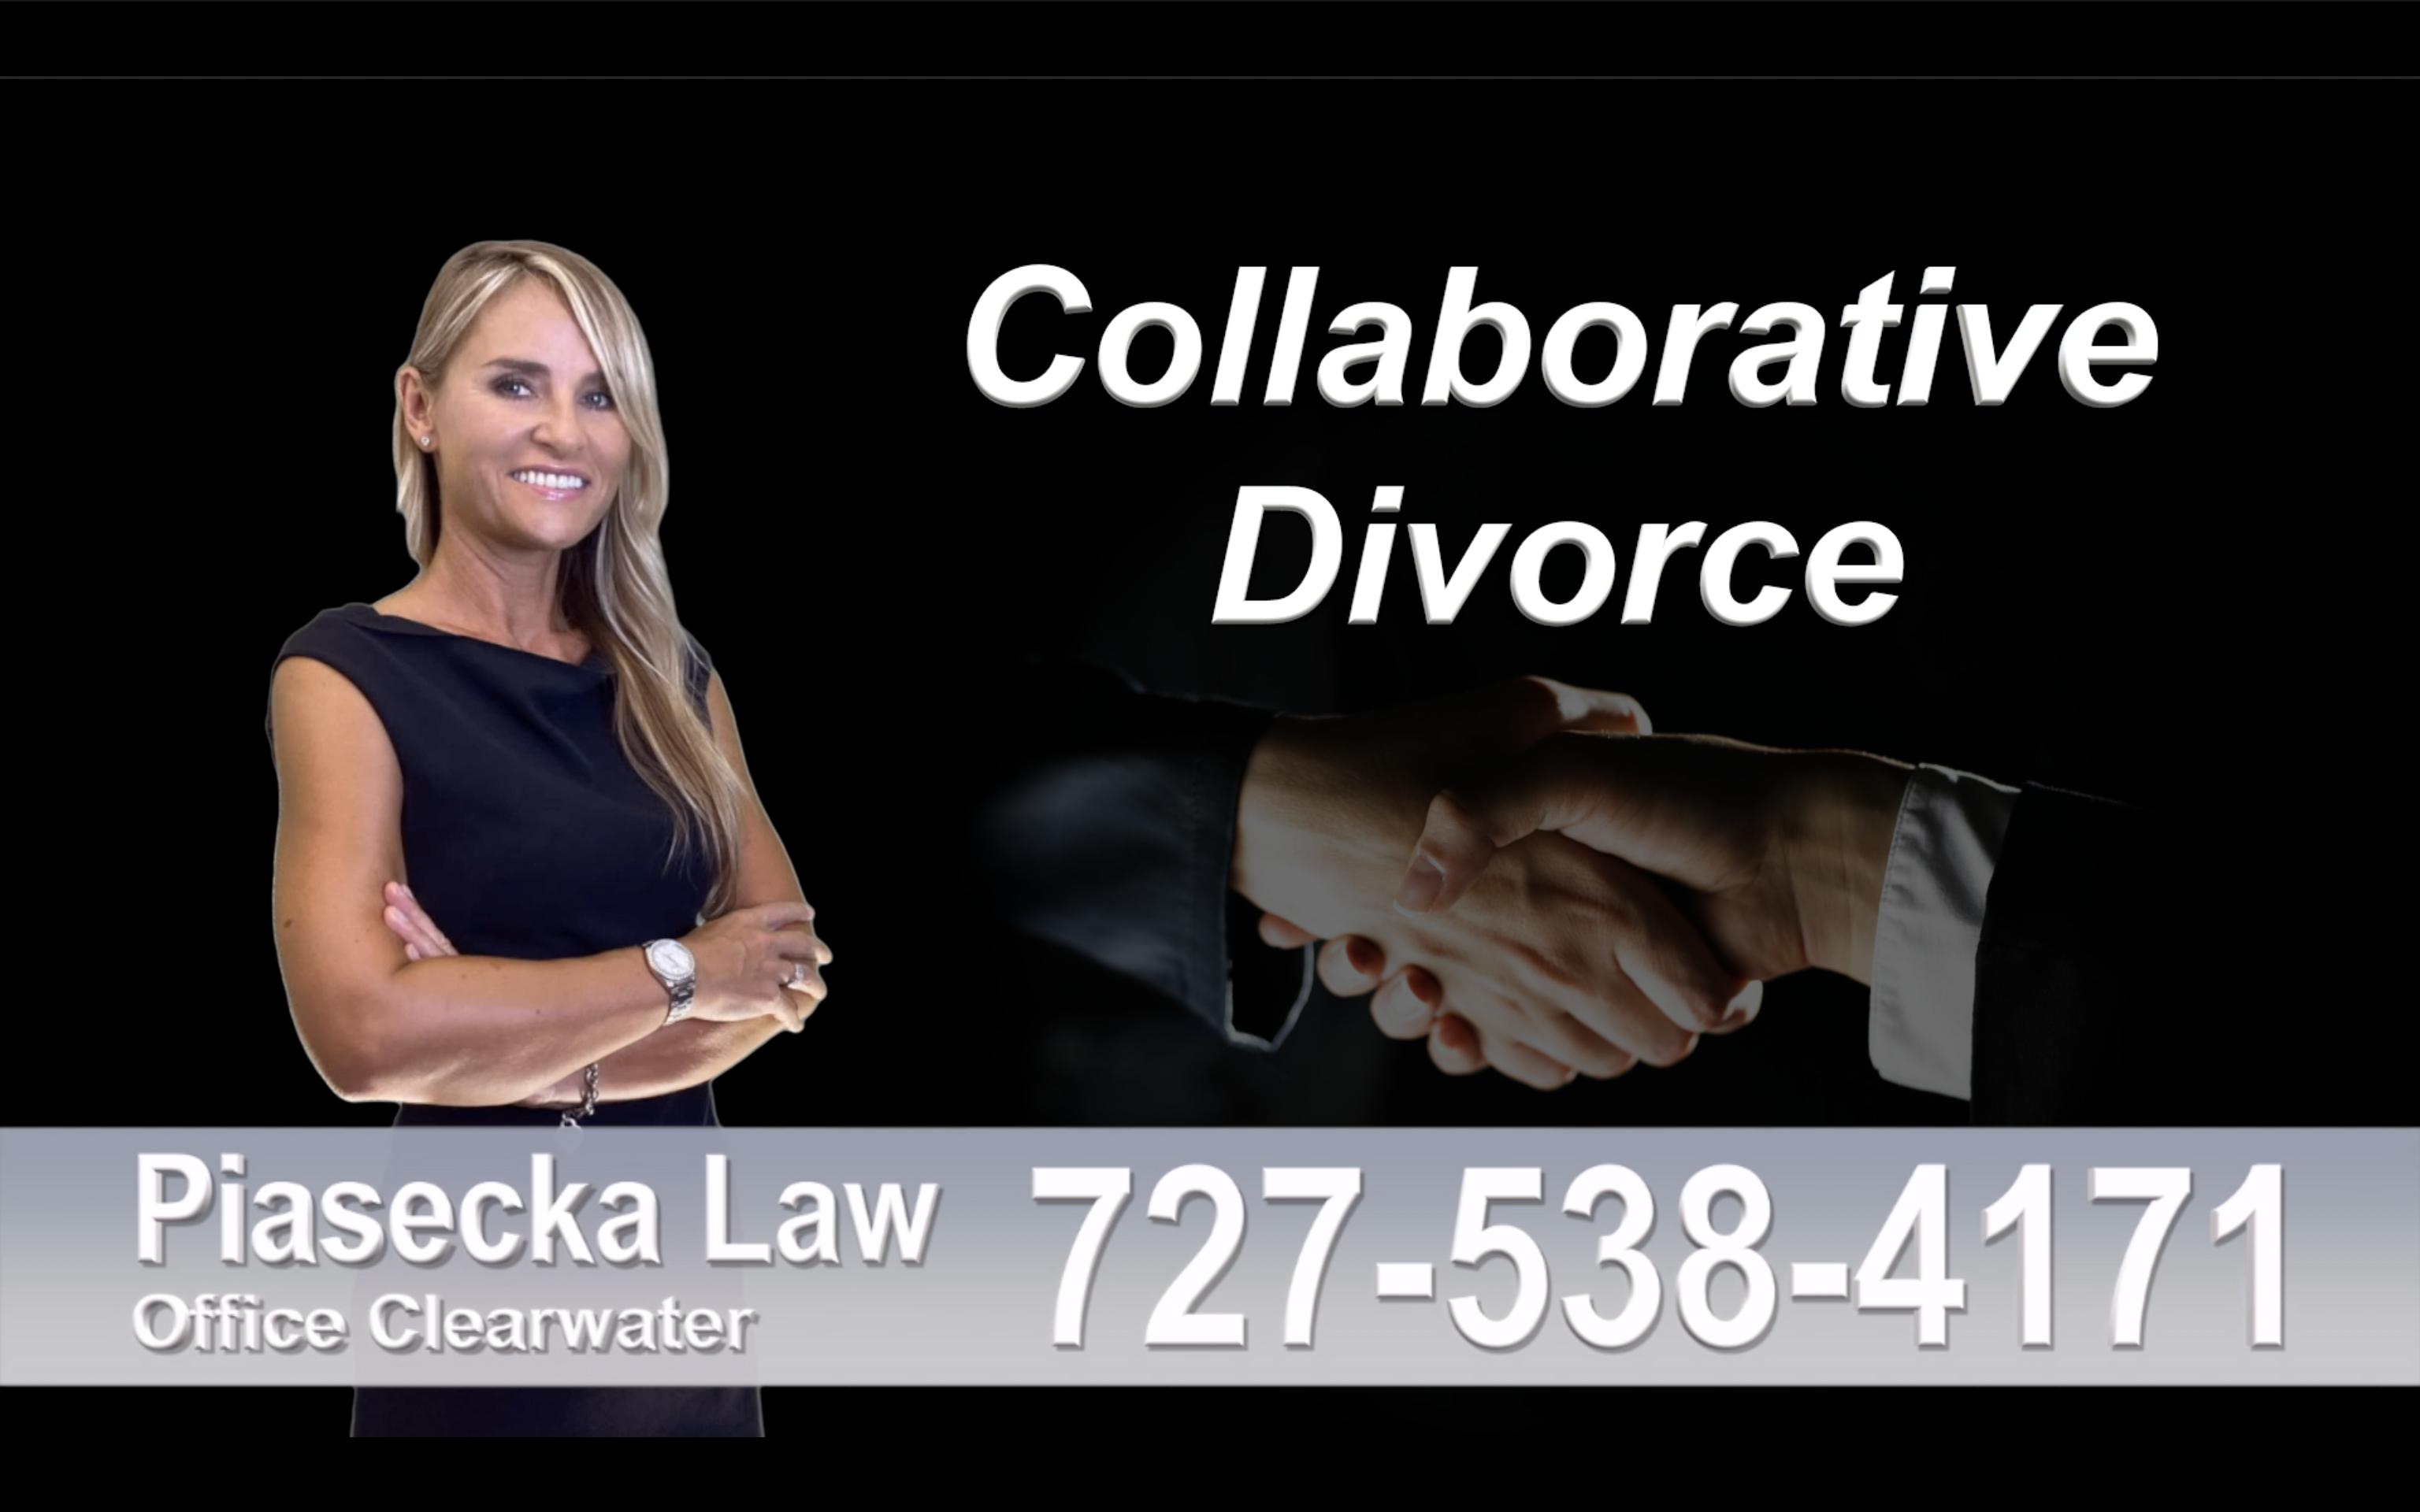 Gulf City Collaborative, Divorce, Attorney, Agnieszka, Piasecka, Prawnik, Rozwodowy, Rozwód, Adwokat, rozwodowy, Najlepszy, Best Lawyer